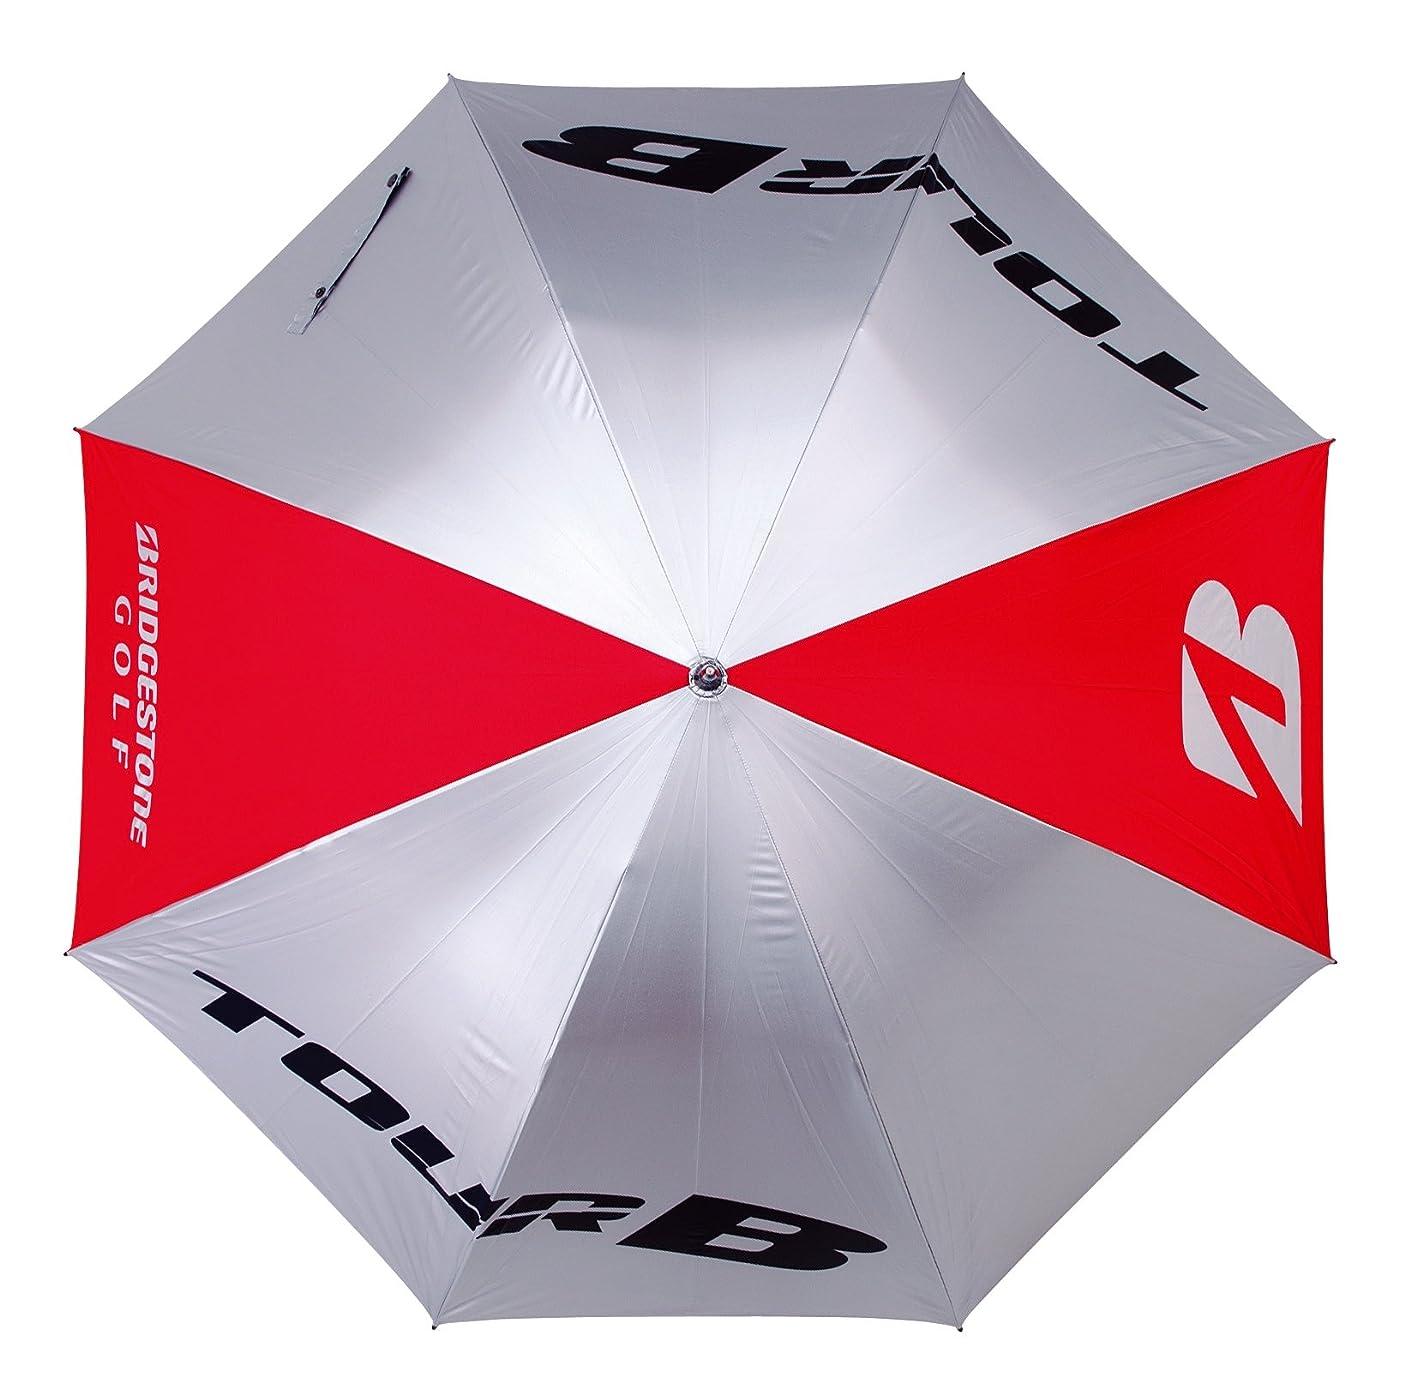 ヘクタール表現折るBRIDGESTONE(ブリヂストン) ゴルフ傘 TOUR B 銀傘  UMG72RD レッド